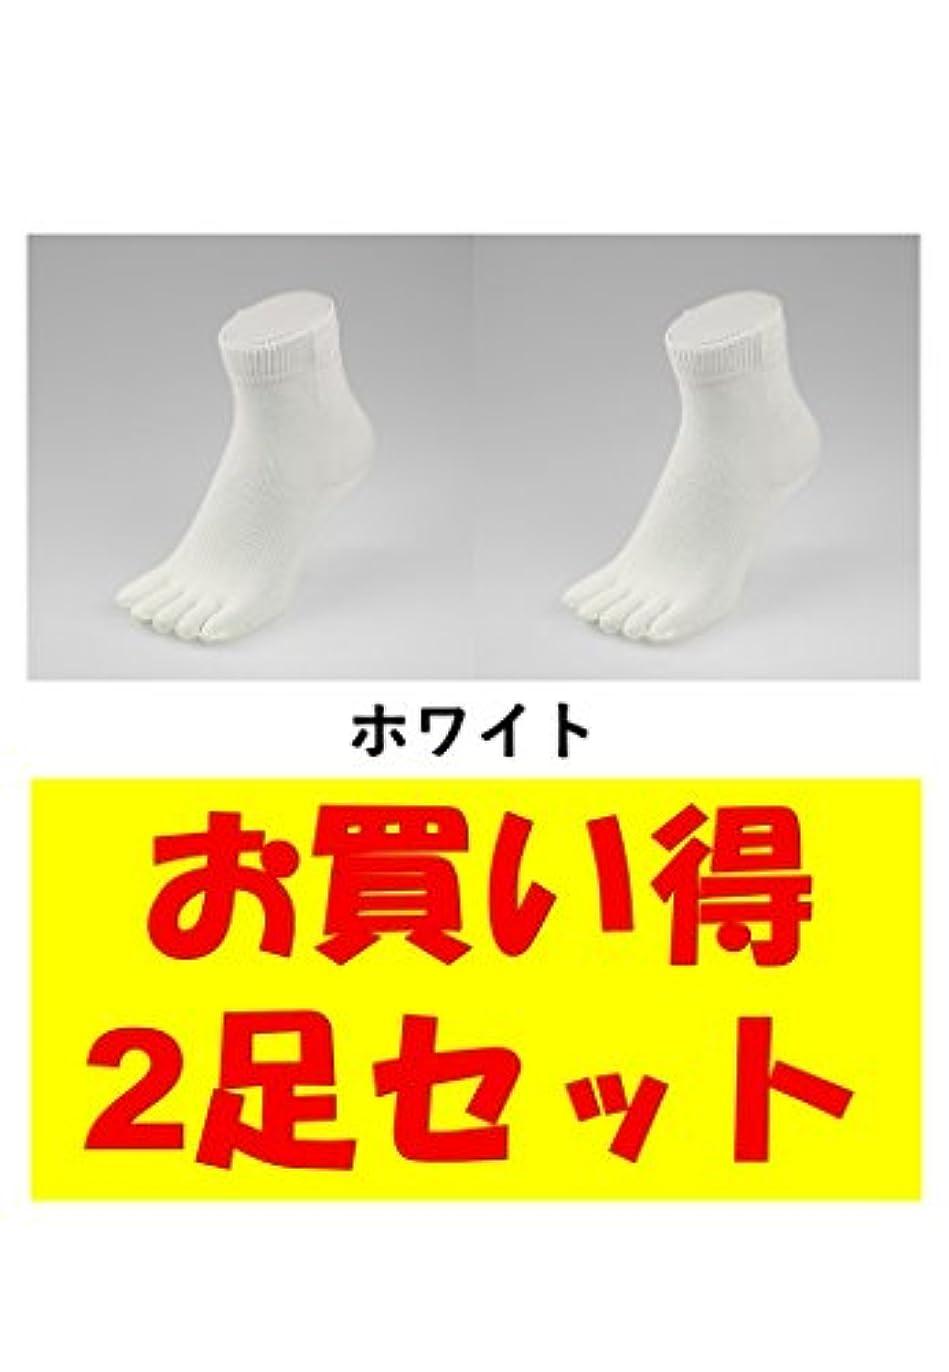 インシデント無駄なスリーブお買い得2足セット 5本指 ゆびのばソックス Neo EVE(イヴ) ホワイト iサイズ(23.5cm - 25.5cm) YSNEVE-WHT